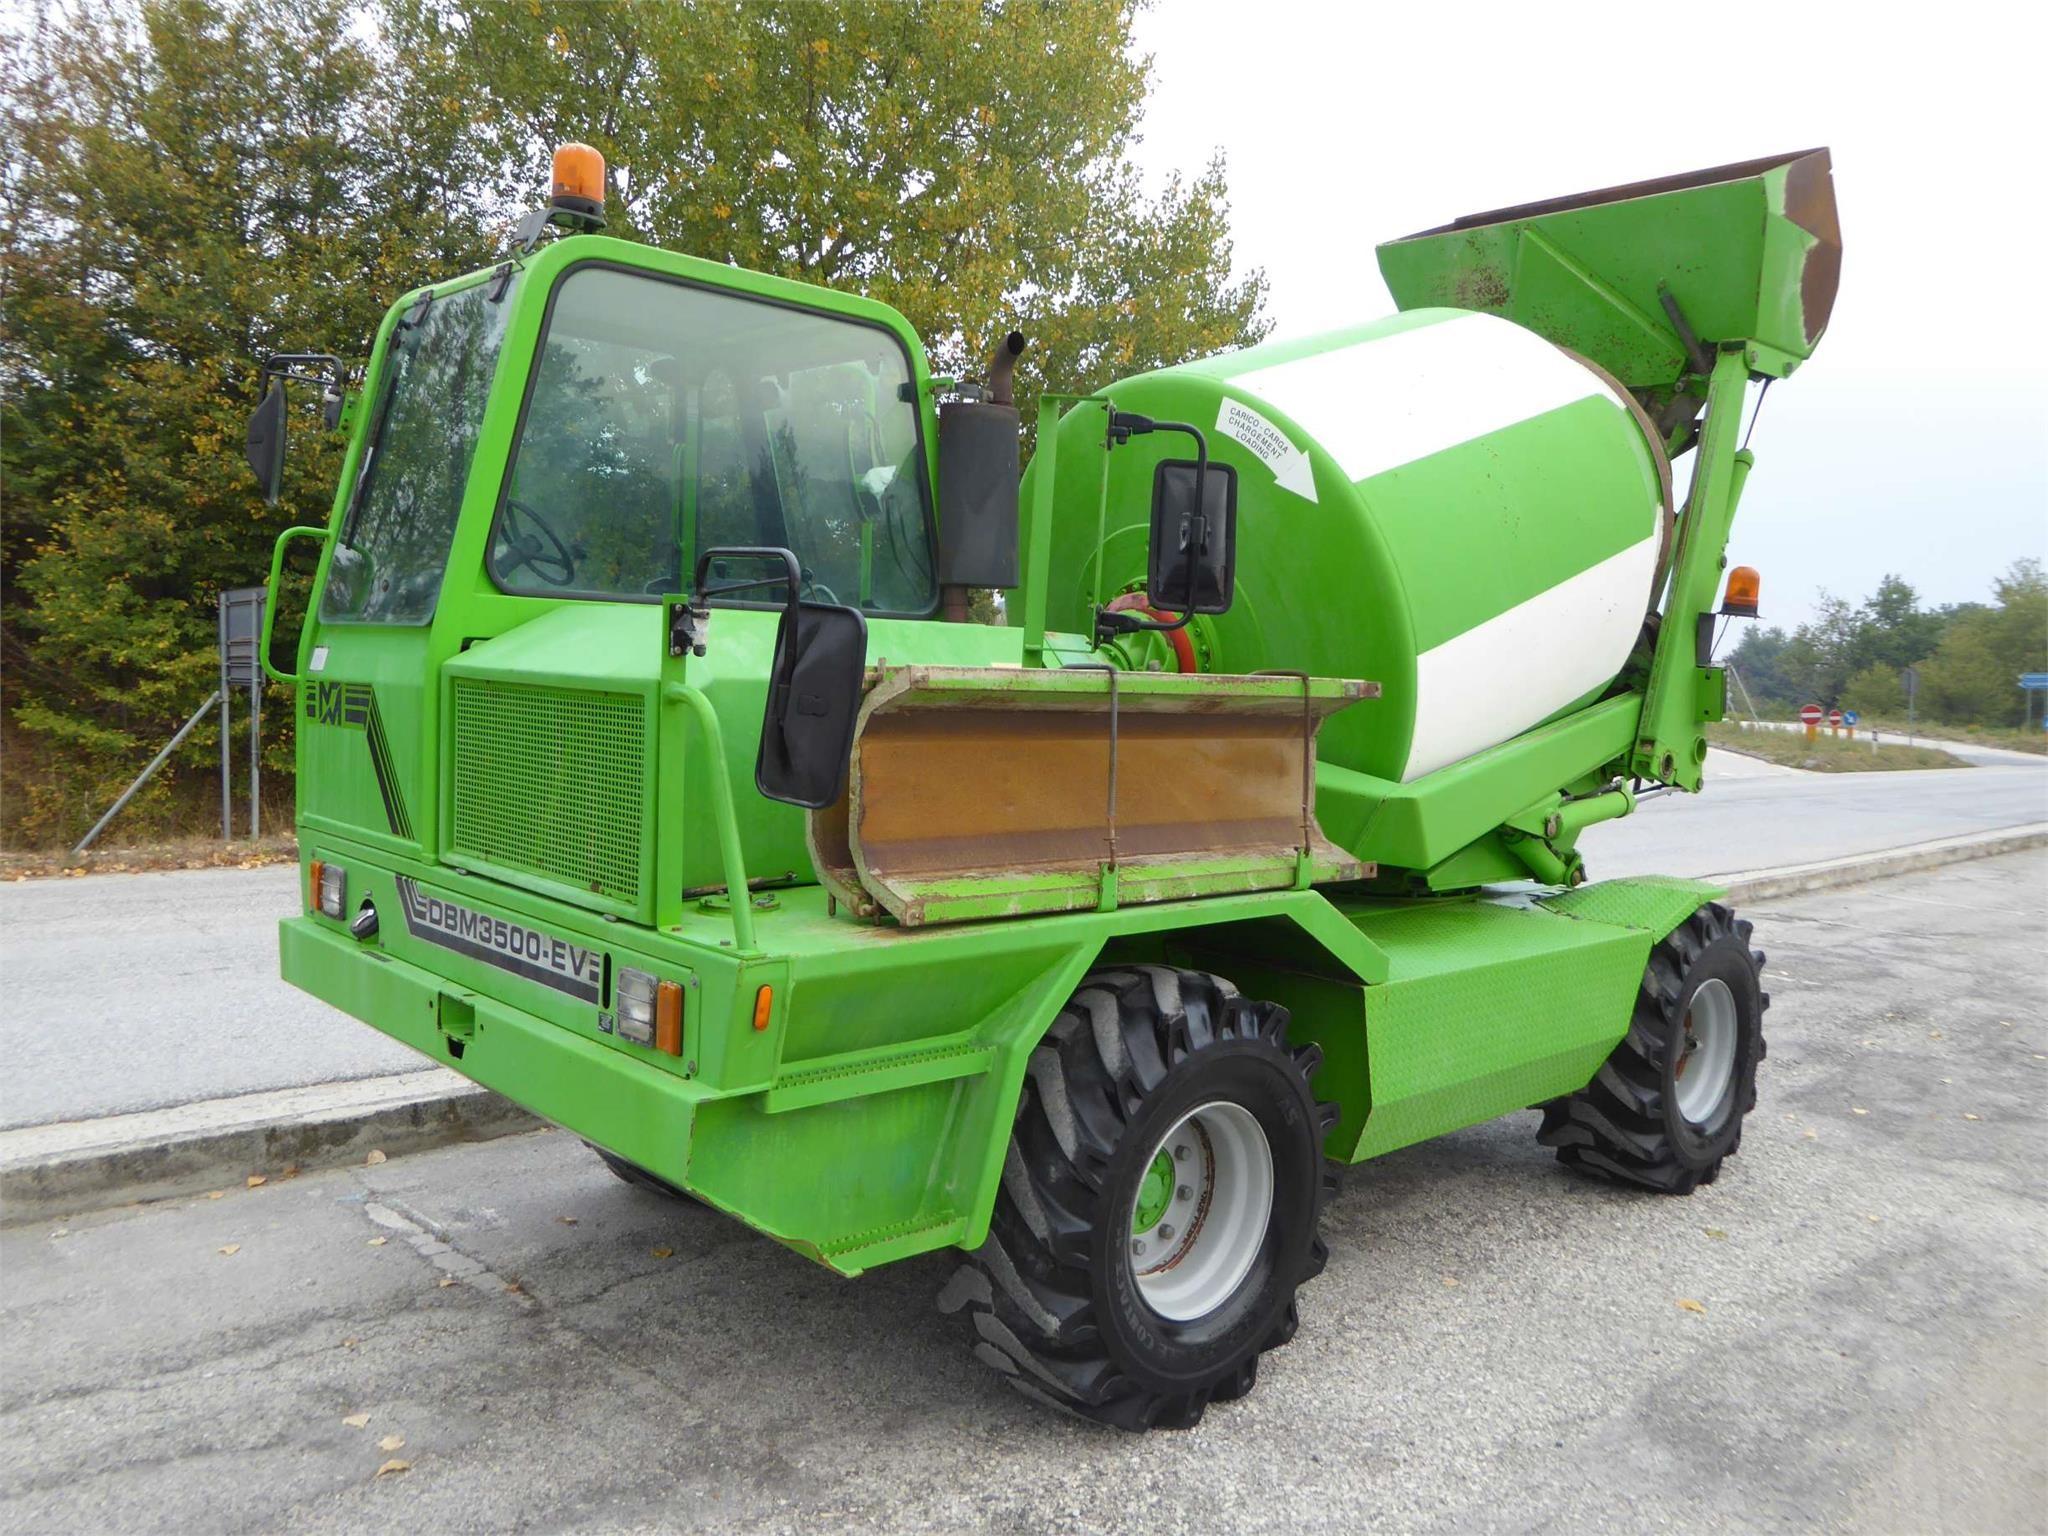 Merlo DBM3500EV Usato 2006